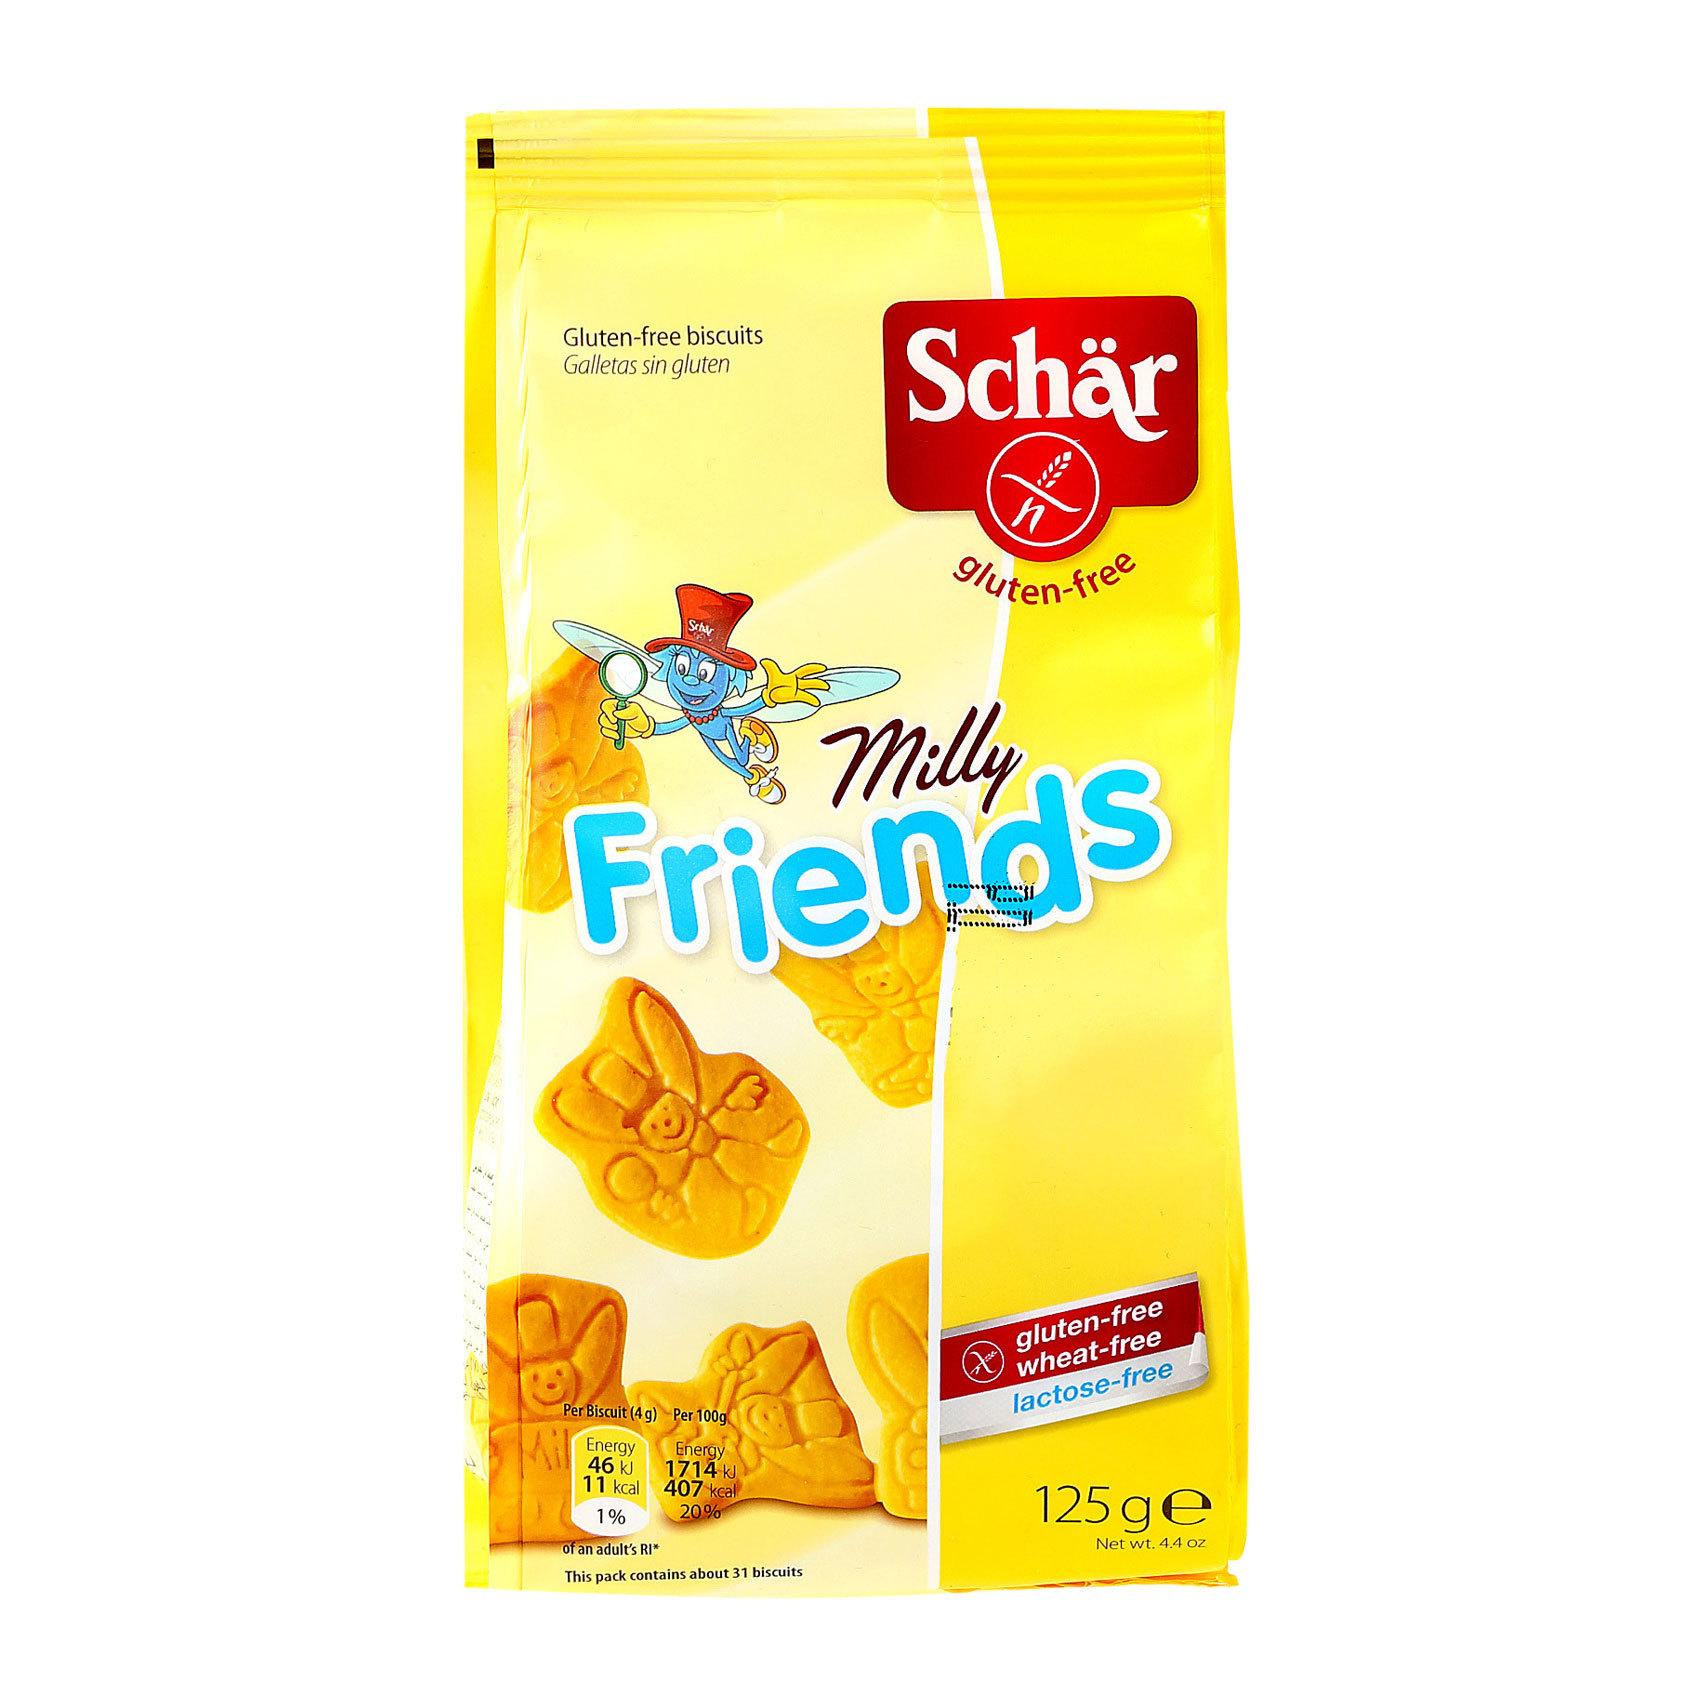 SCHAR GLUTEN F.FRIENDS BISC 125G